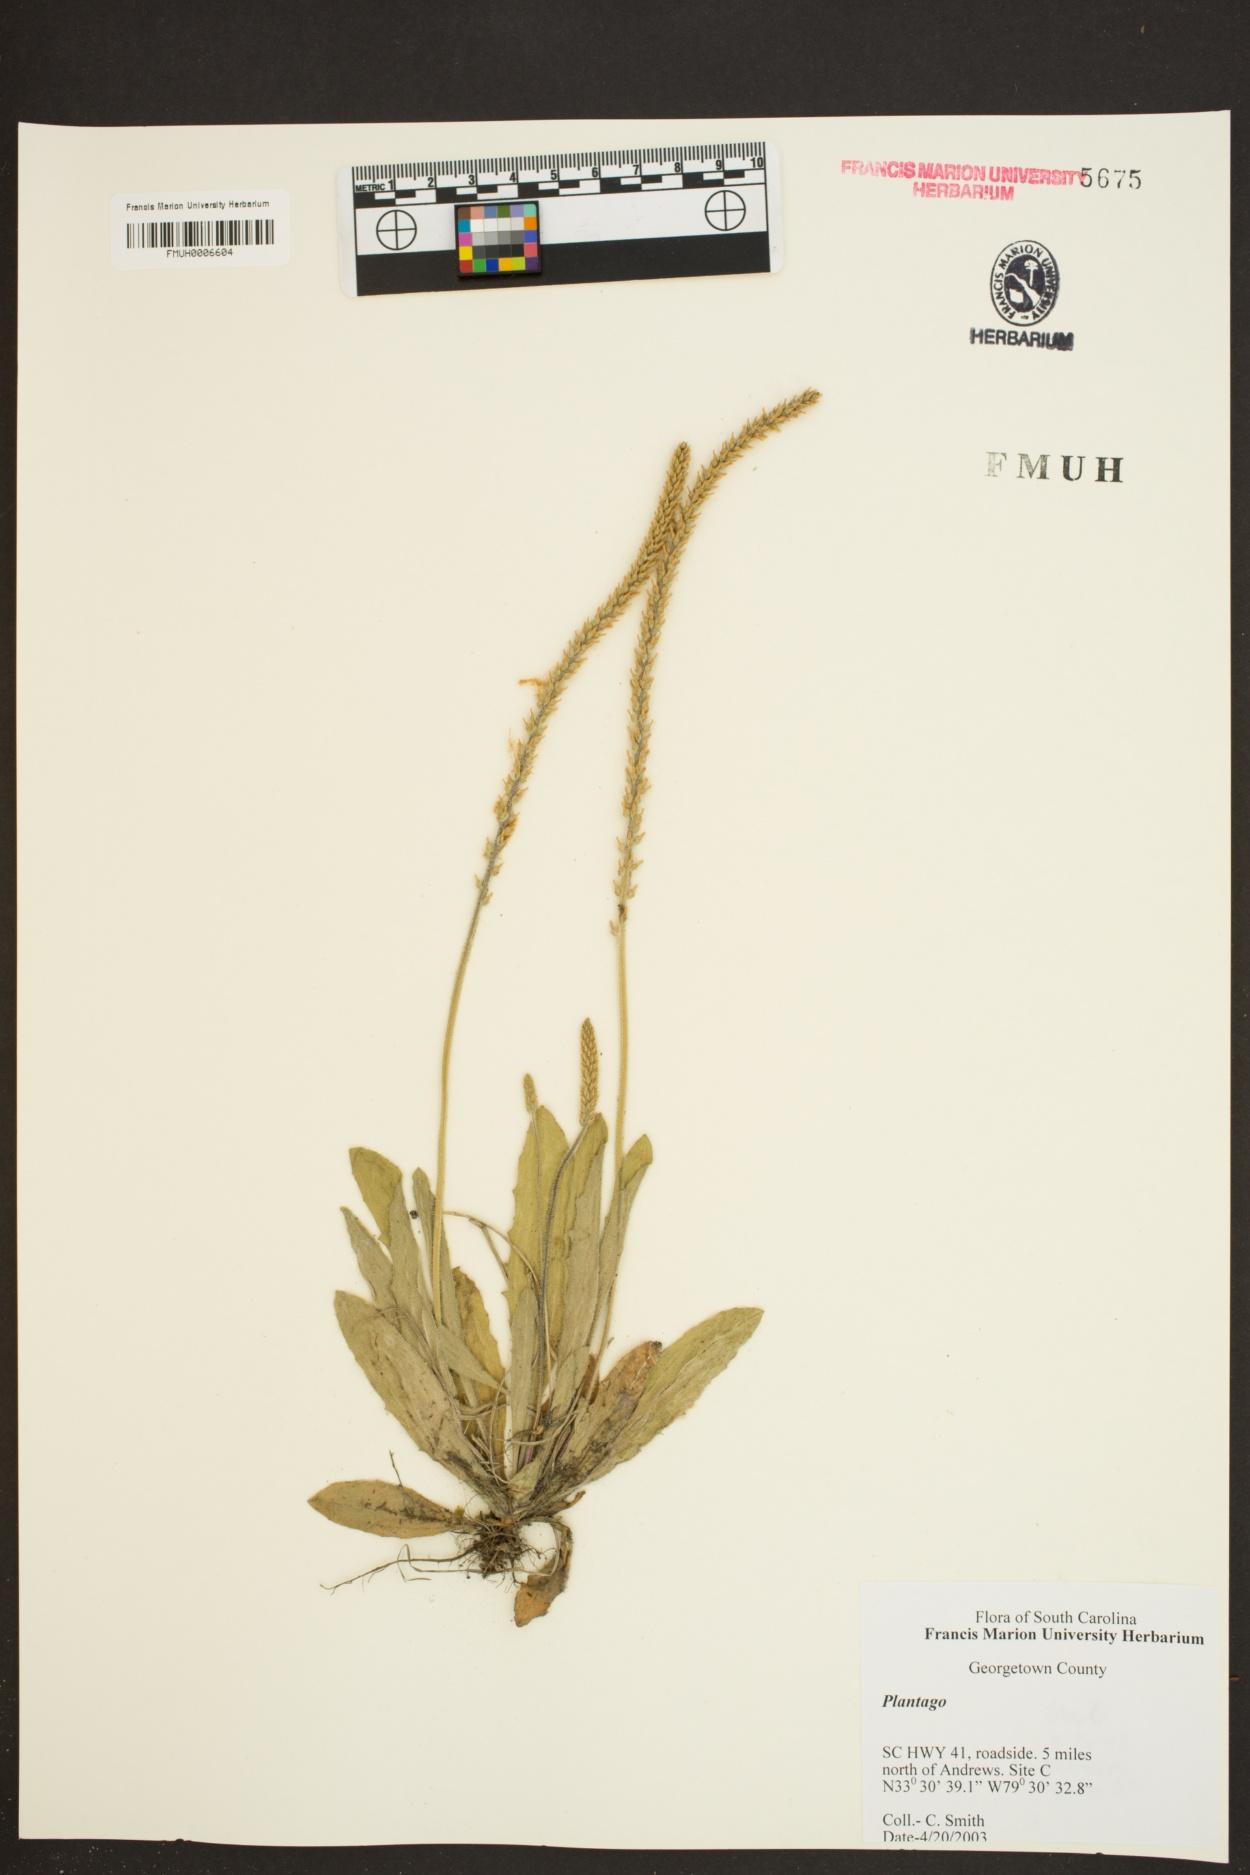 Plantago image